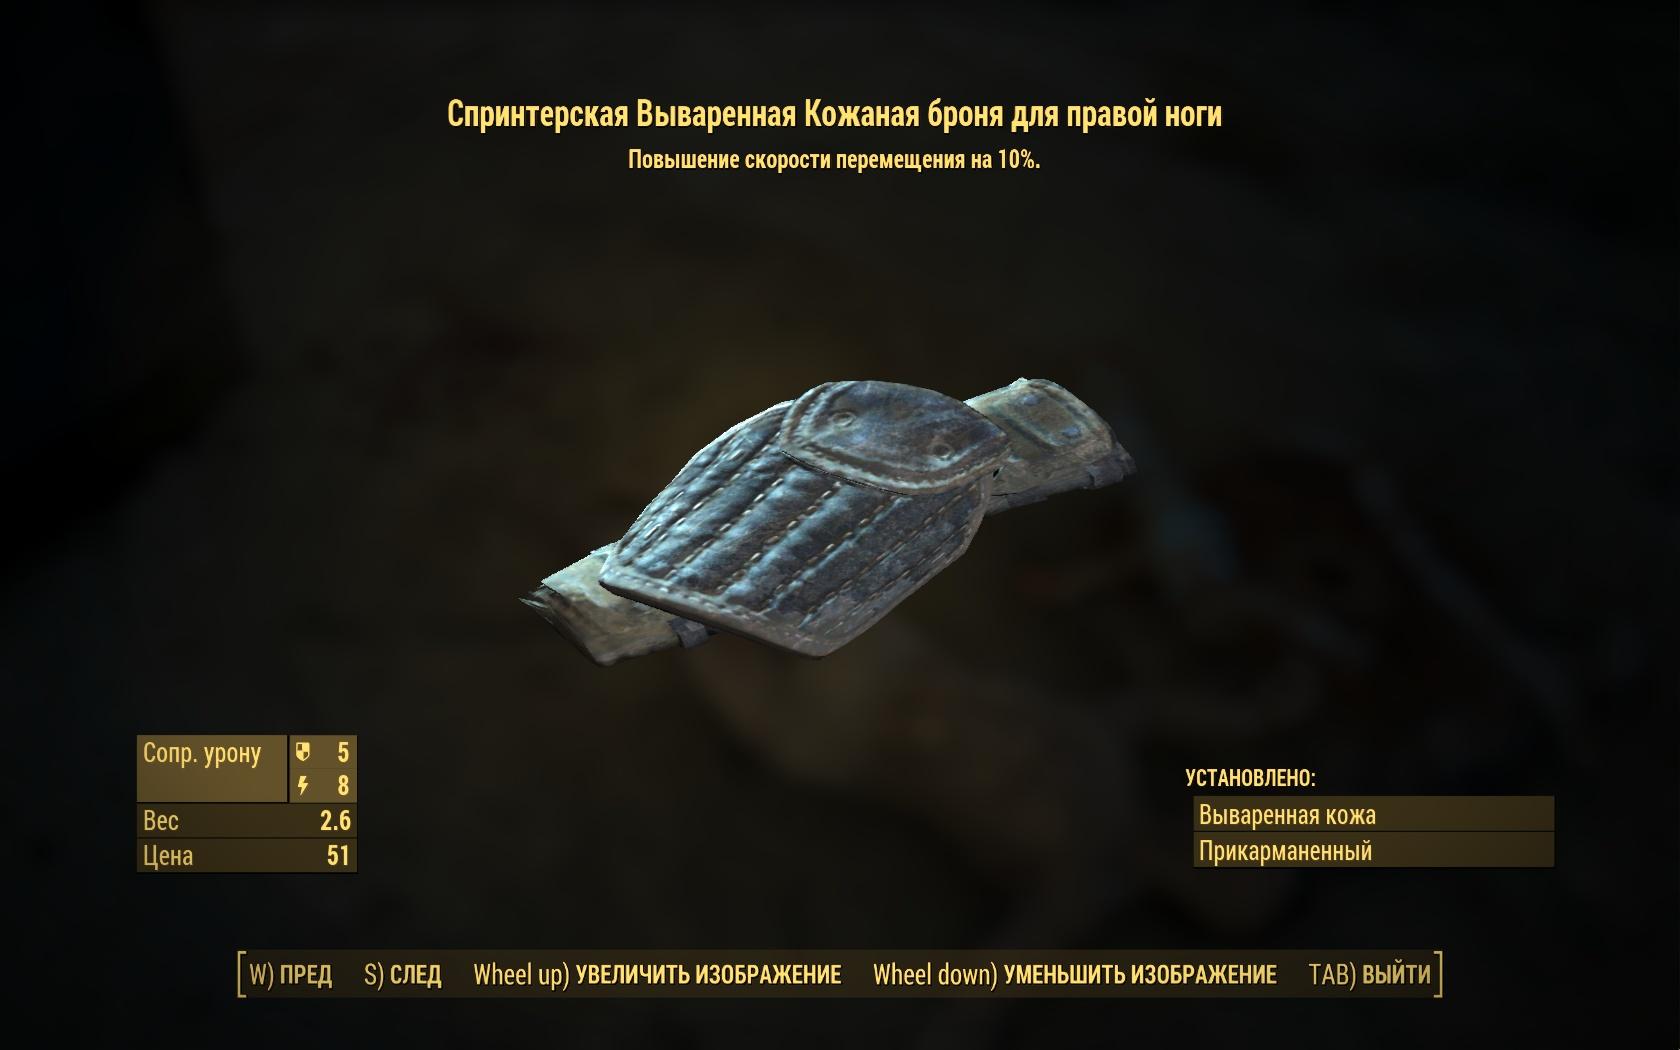 Спринтерская вываренная кожаная броня для правой ноги - Fallout 4 броня, вываренная, кожаная, Одежда, Спринтерская